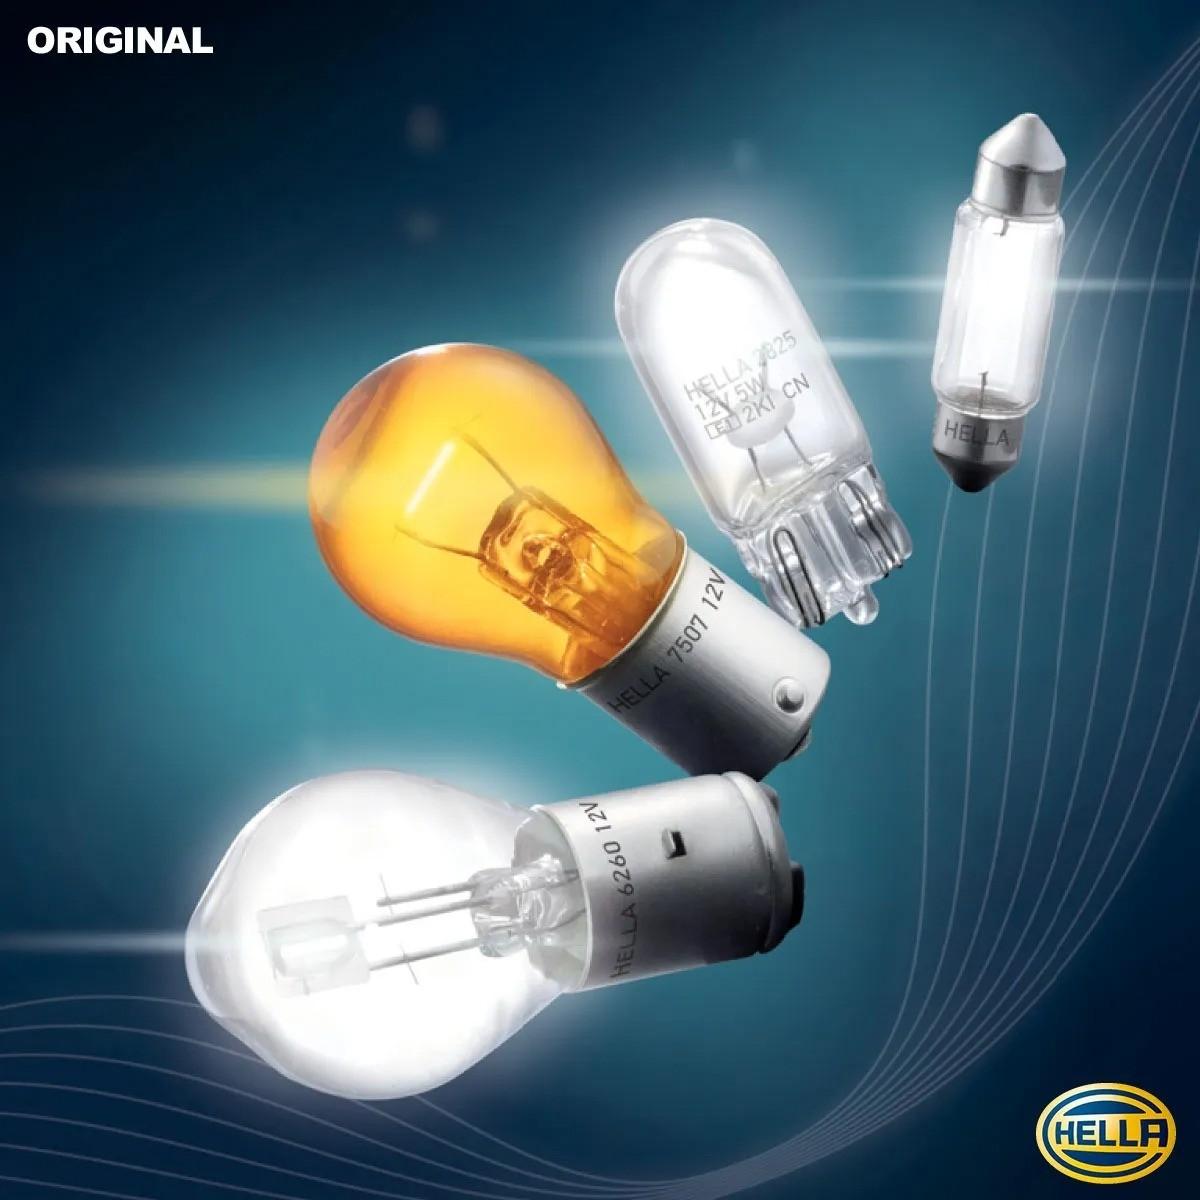 LAMPADA CONVENCIONAL 12V 1,2W BX8.5D AZUL MINIATURA BASE PLASTICA T5 UNIVERSAL HELLA